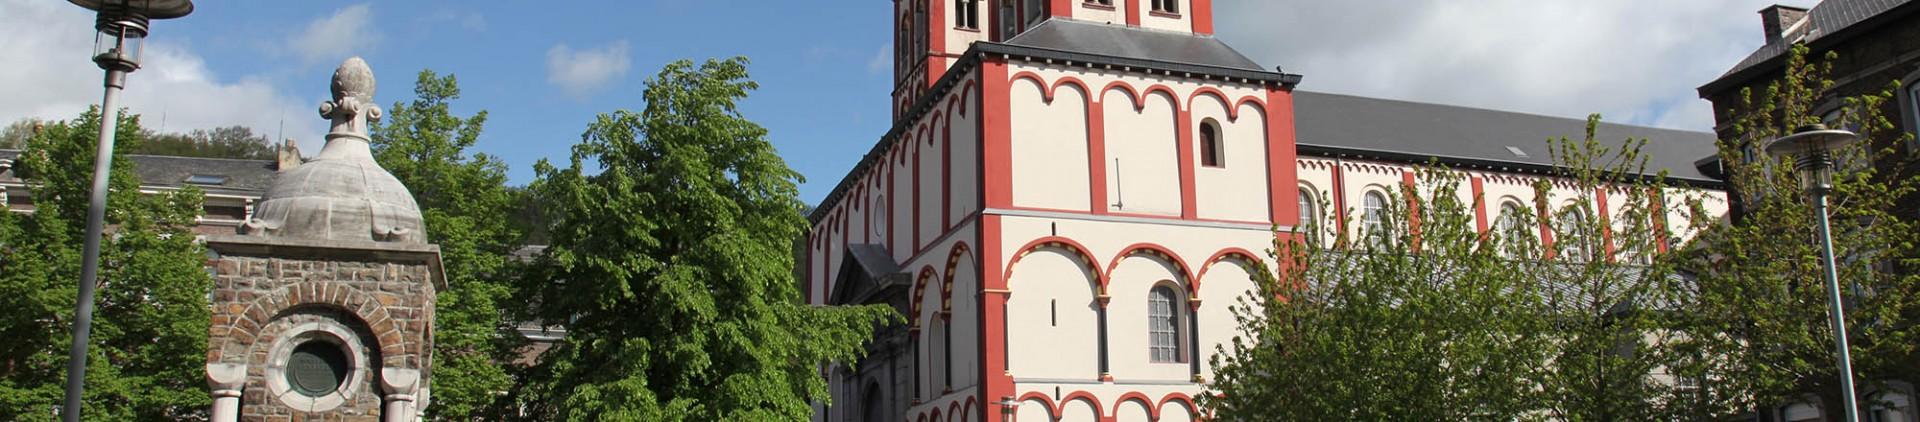 Découvrez le patrimoine de la Province de Liège en restant chez vous